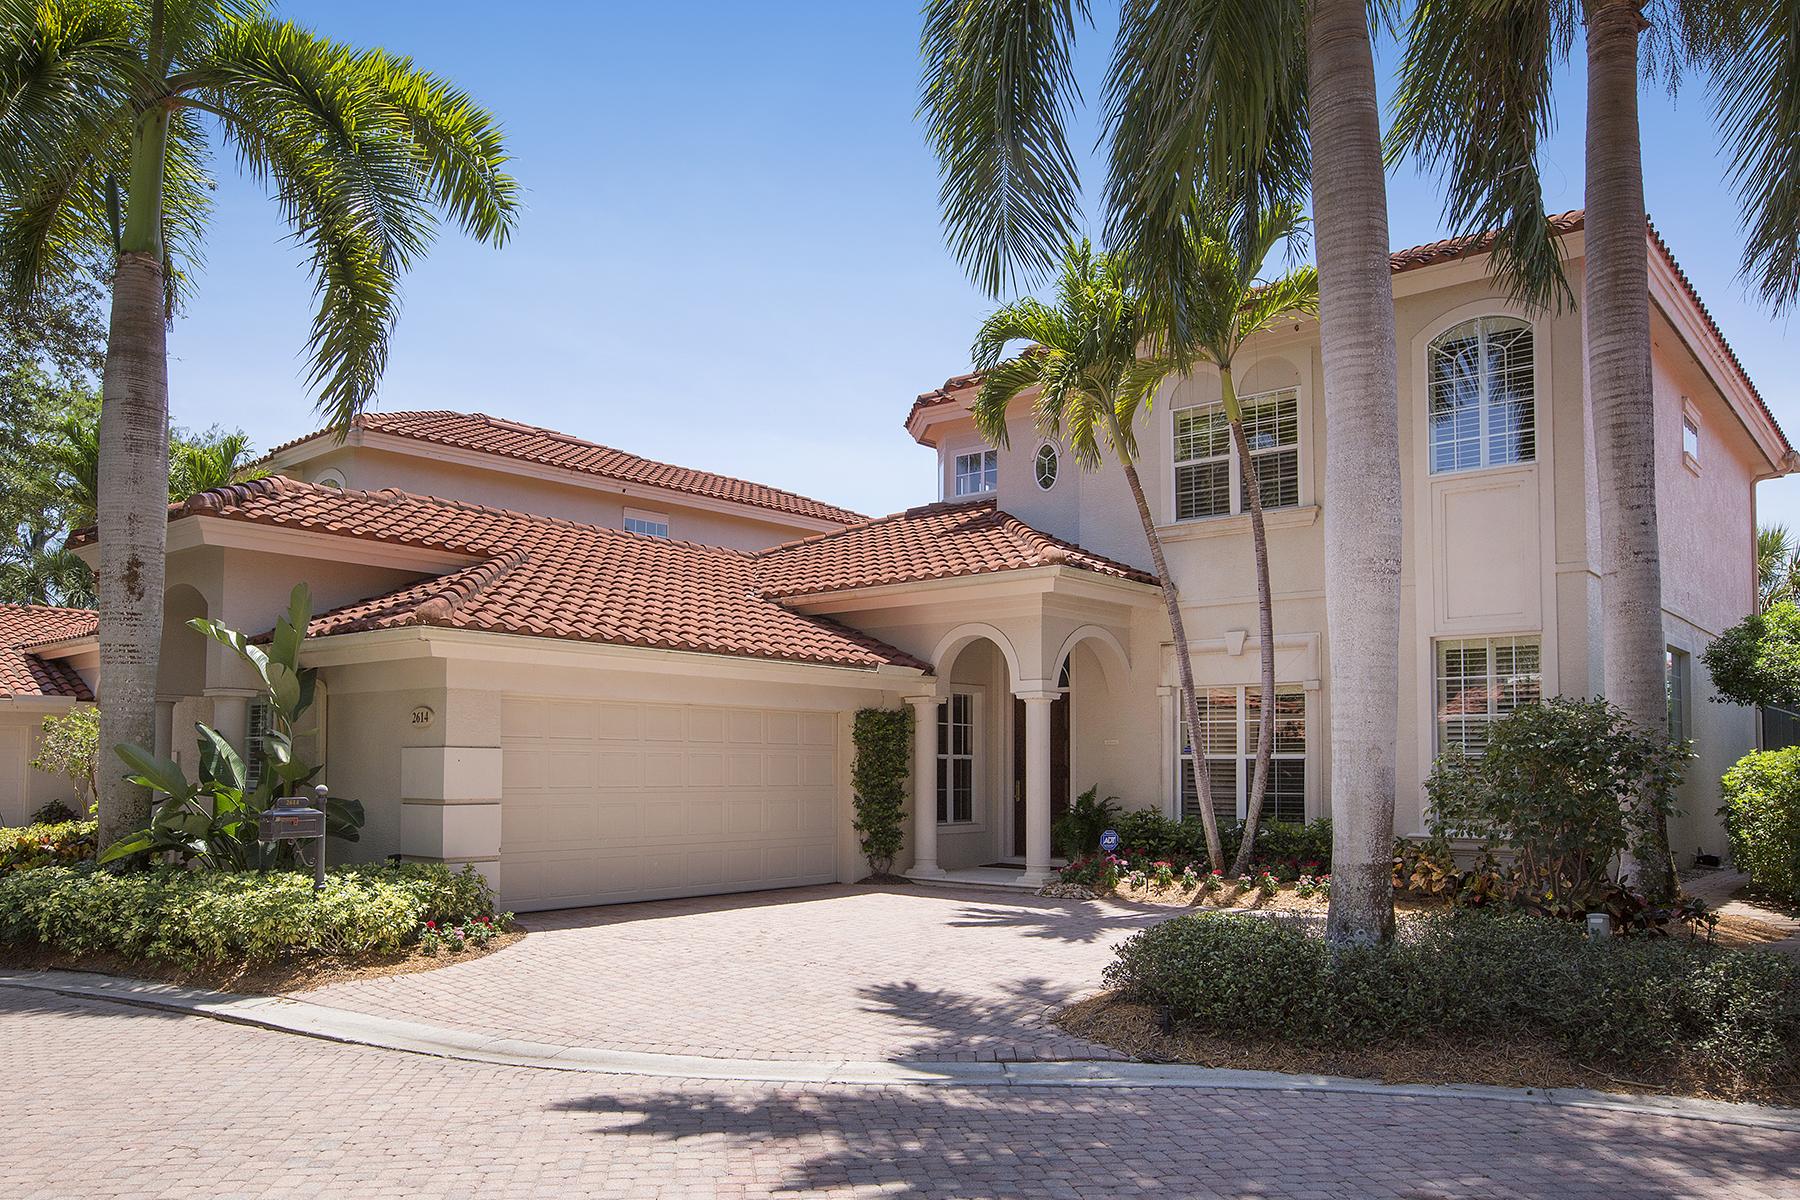 独户住宅 为 销售 在 2614 Lermitage Ln , Naples, FL 34105 2614 Lermitage Ln 那不勒斯, 佛罗里达州, 34105 美国